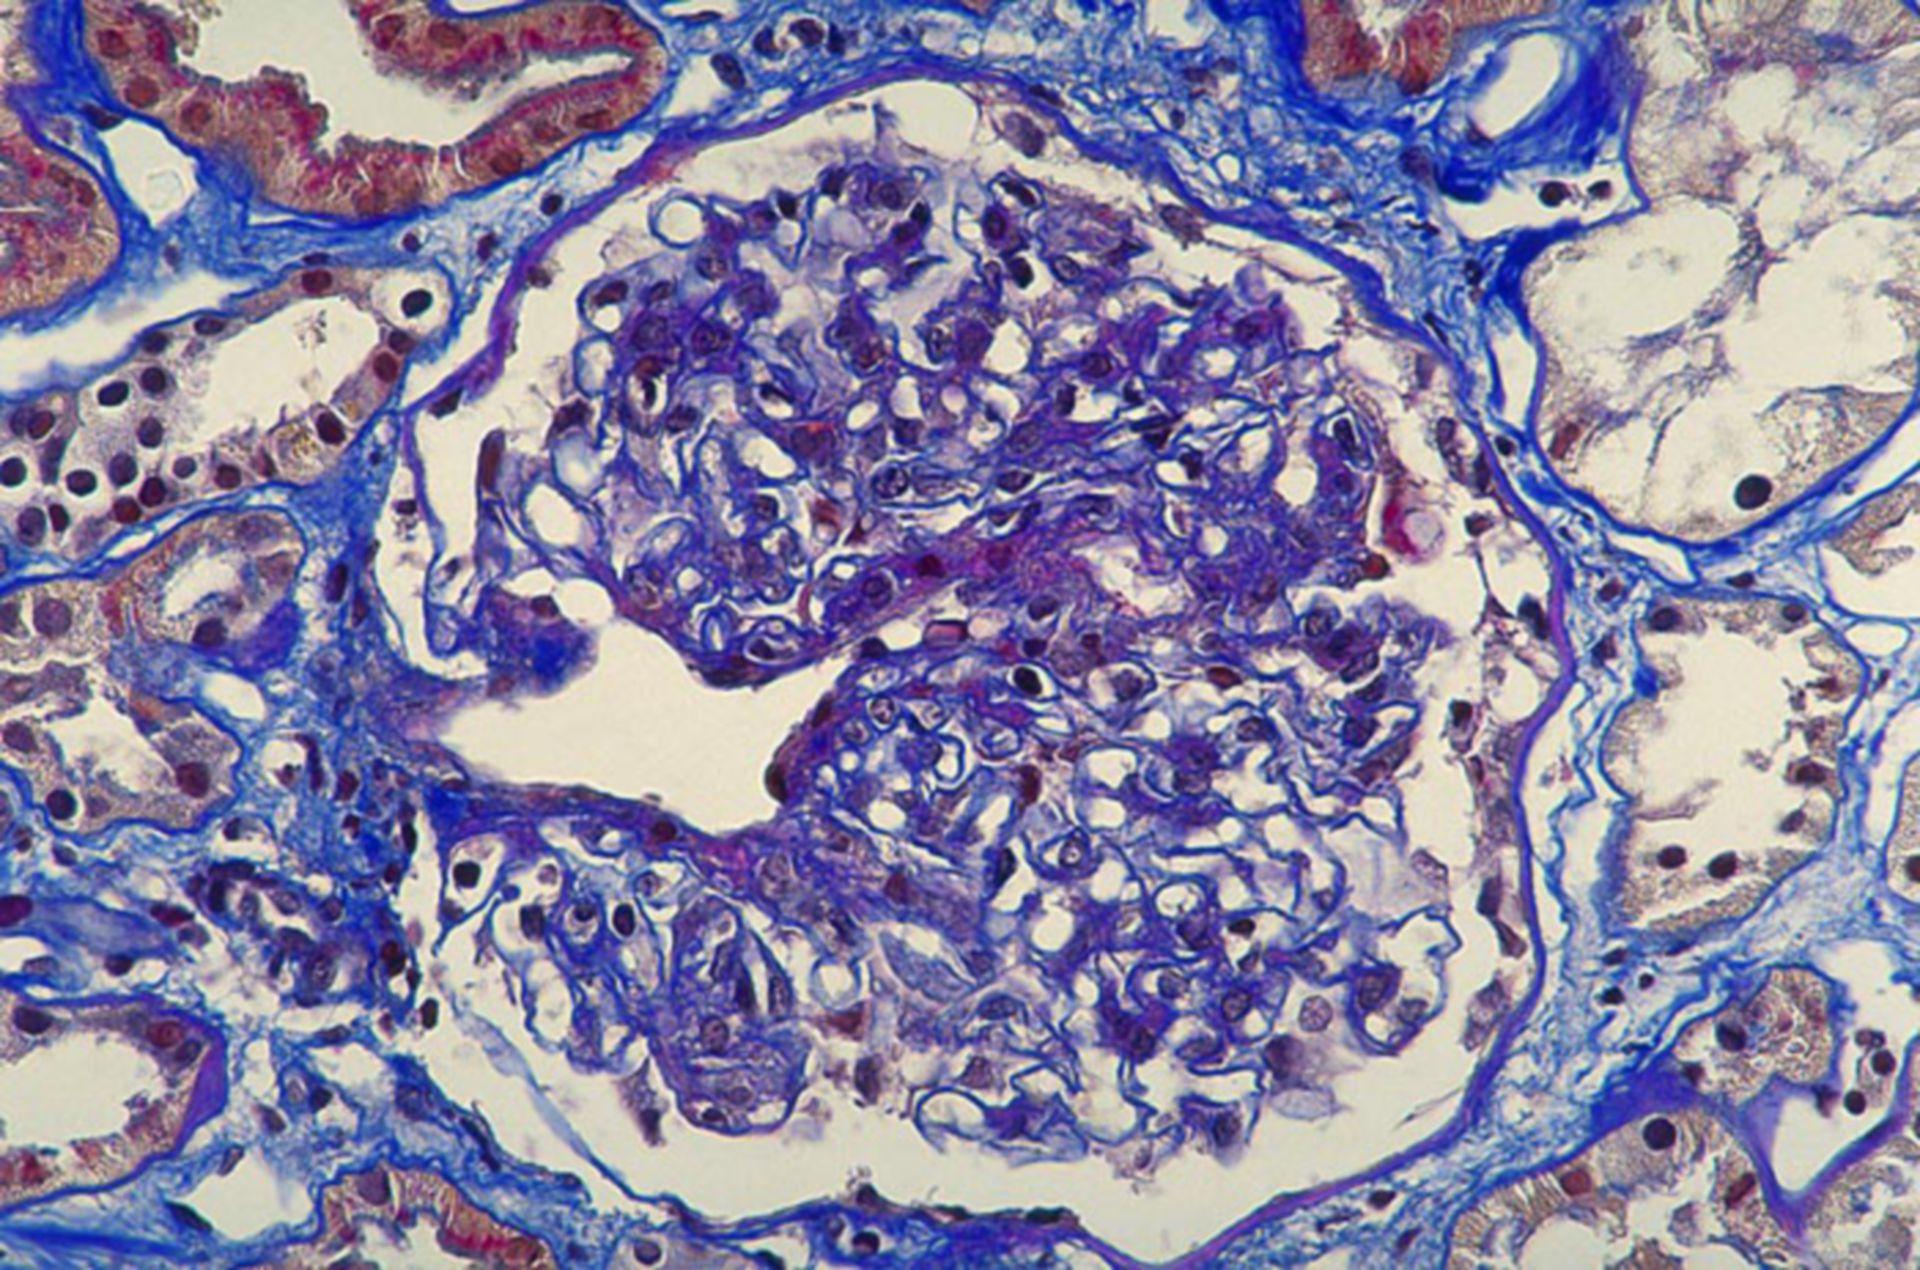 Purpura Schönlein Henoch: proliferative Glomerulonephritis (Detail)